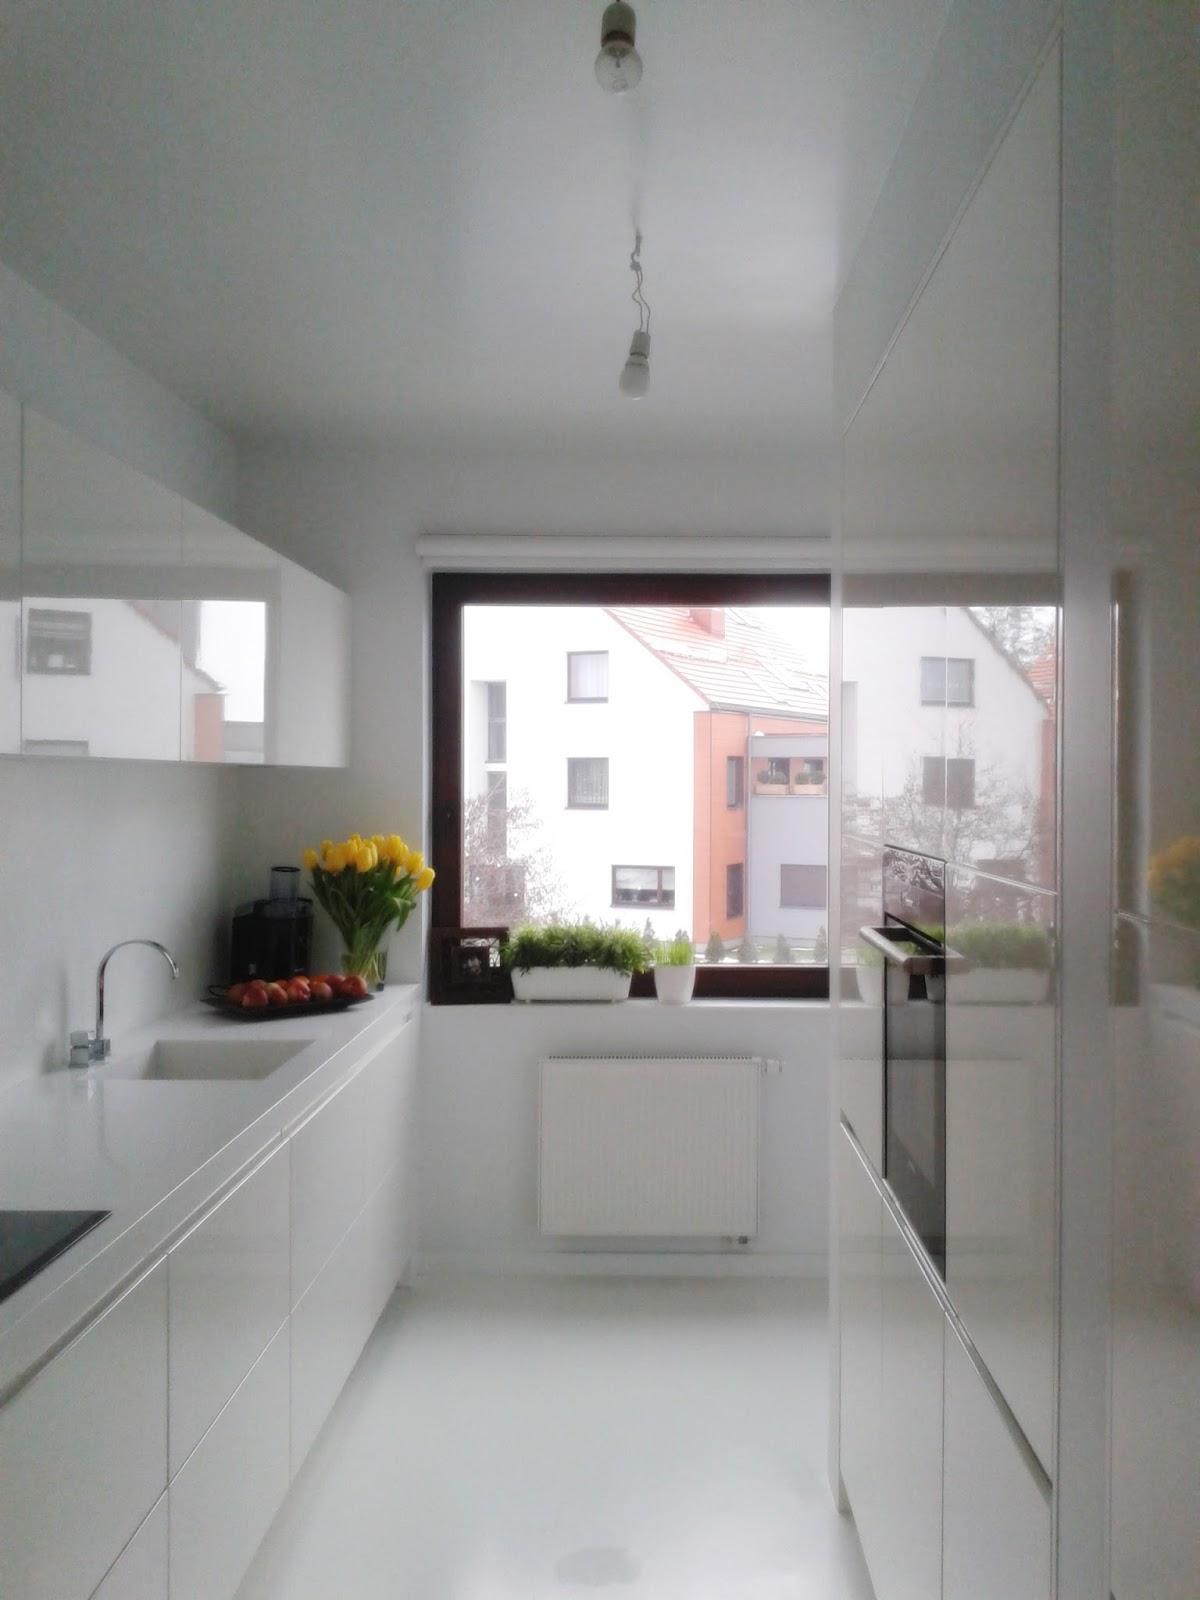 Nowoczesna, minimalistyczna kuchnia na wysoki połysk, białe meble kuchenne, Osiedle Bursztynowe Wrocław